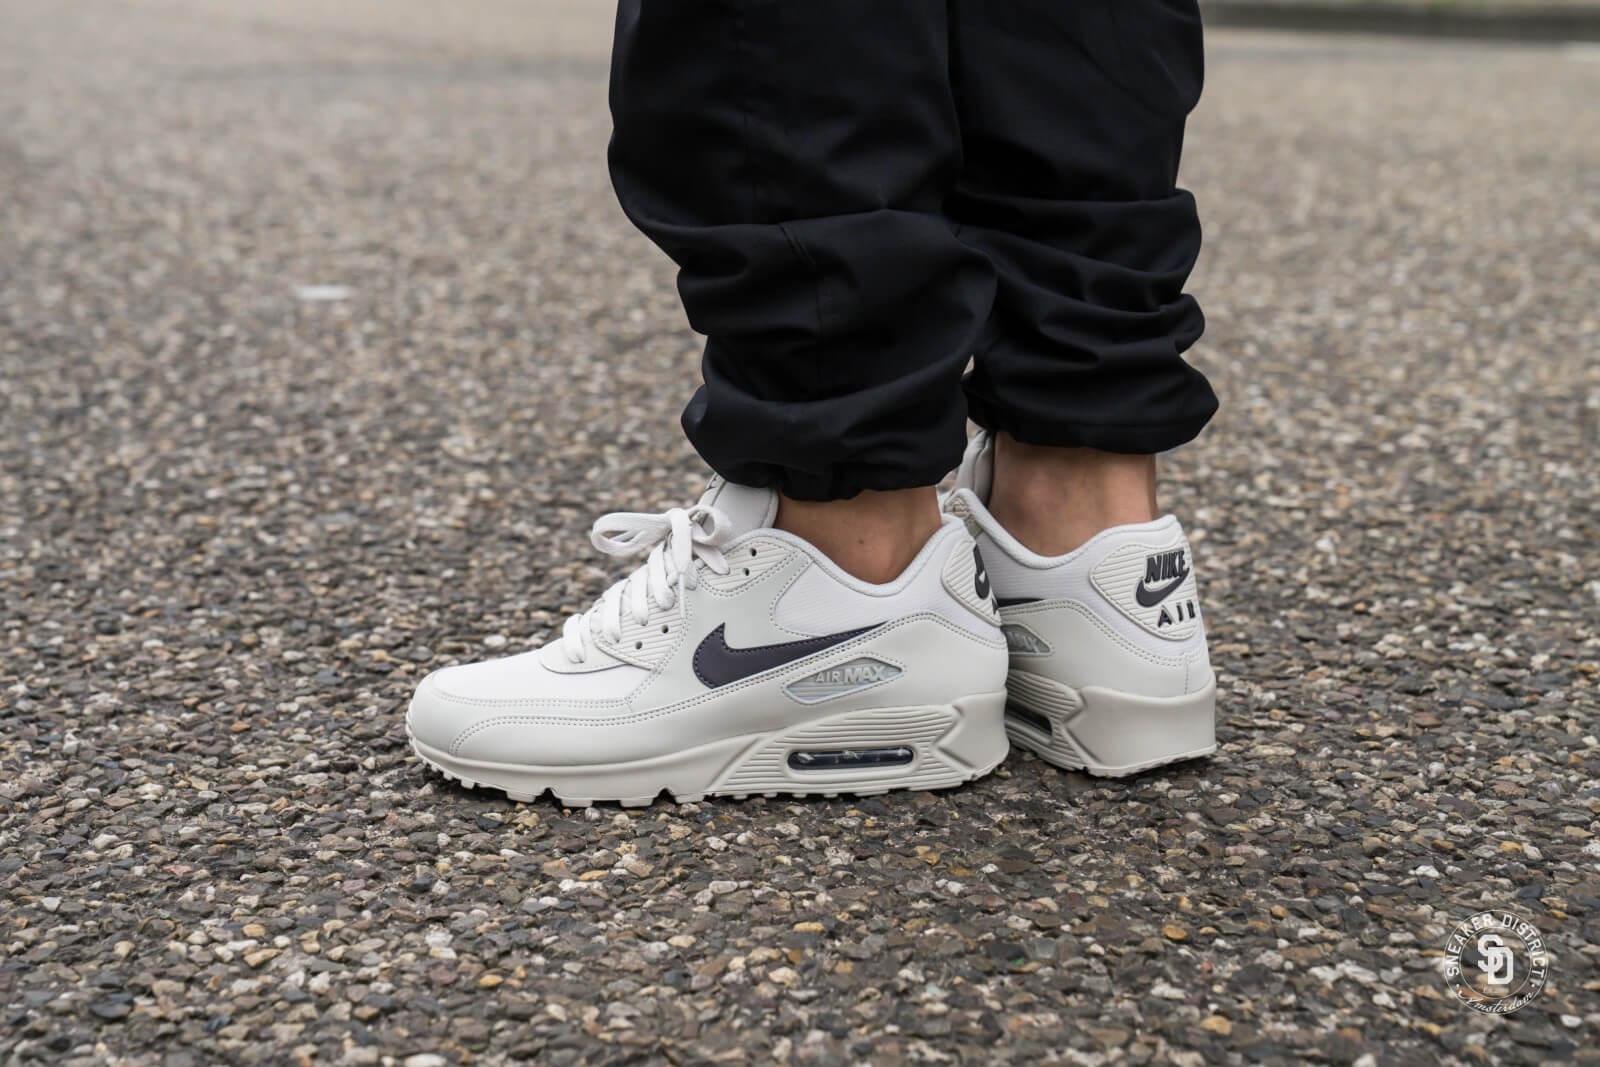 Nike Air Max 90 Premium | Black | Sneakers | 700155 014